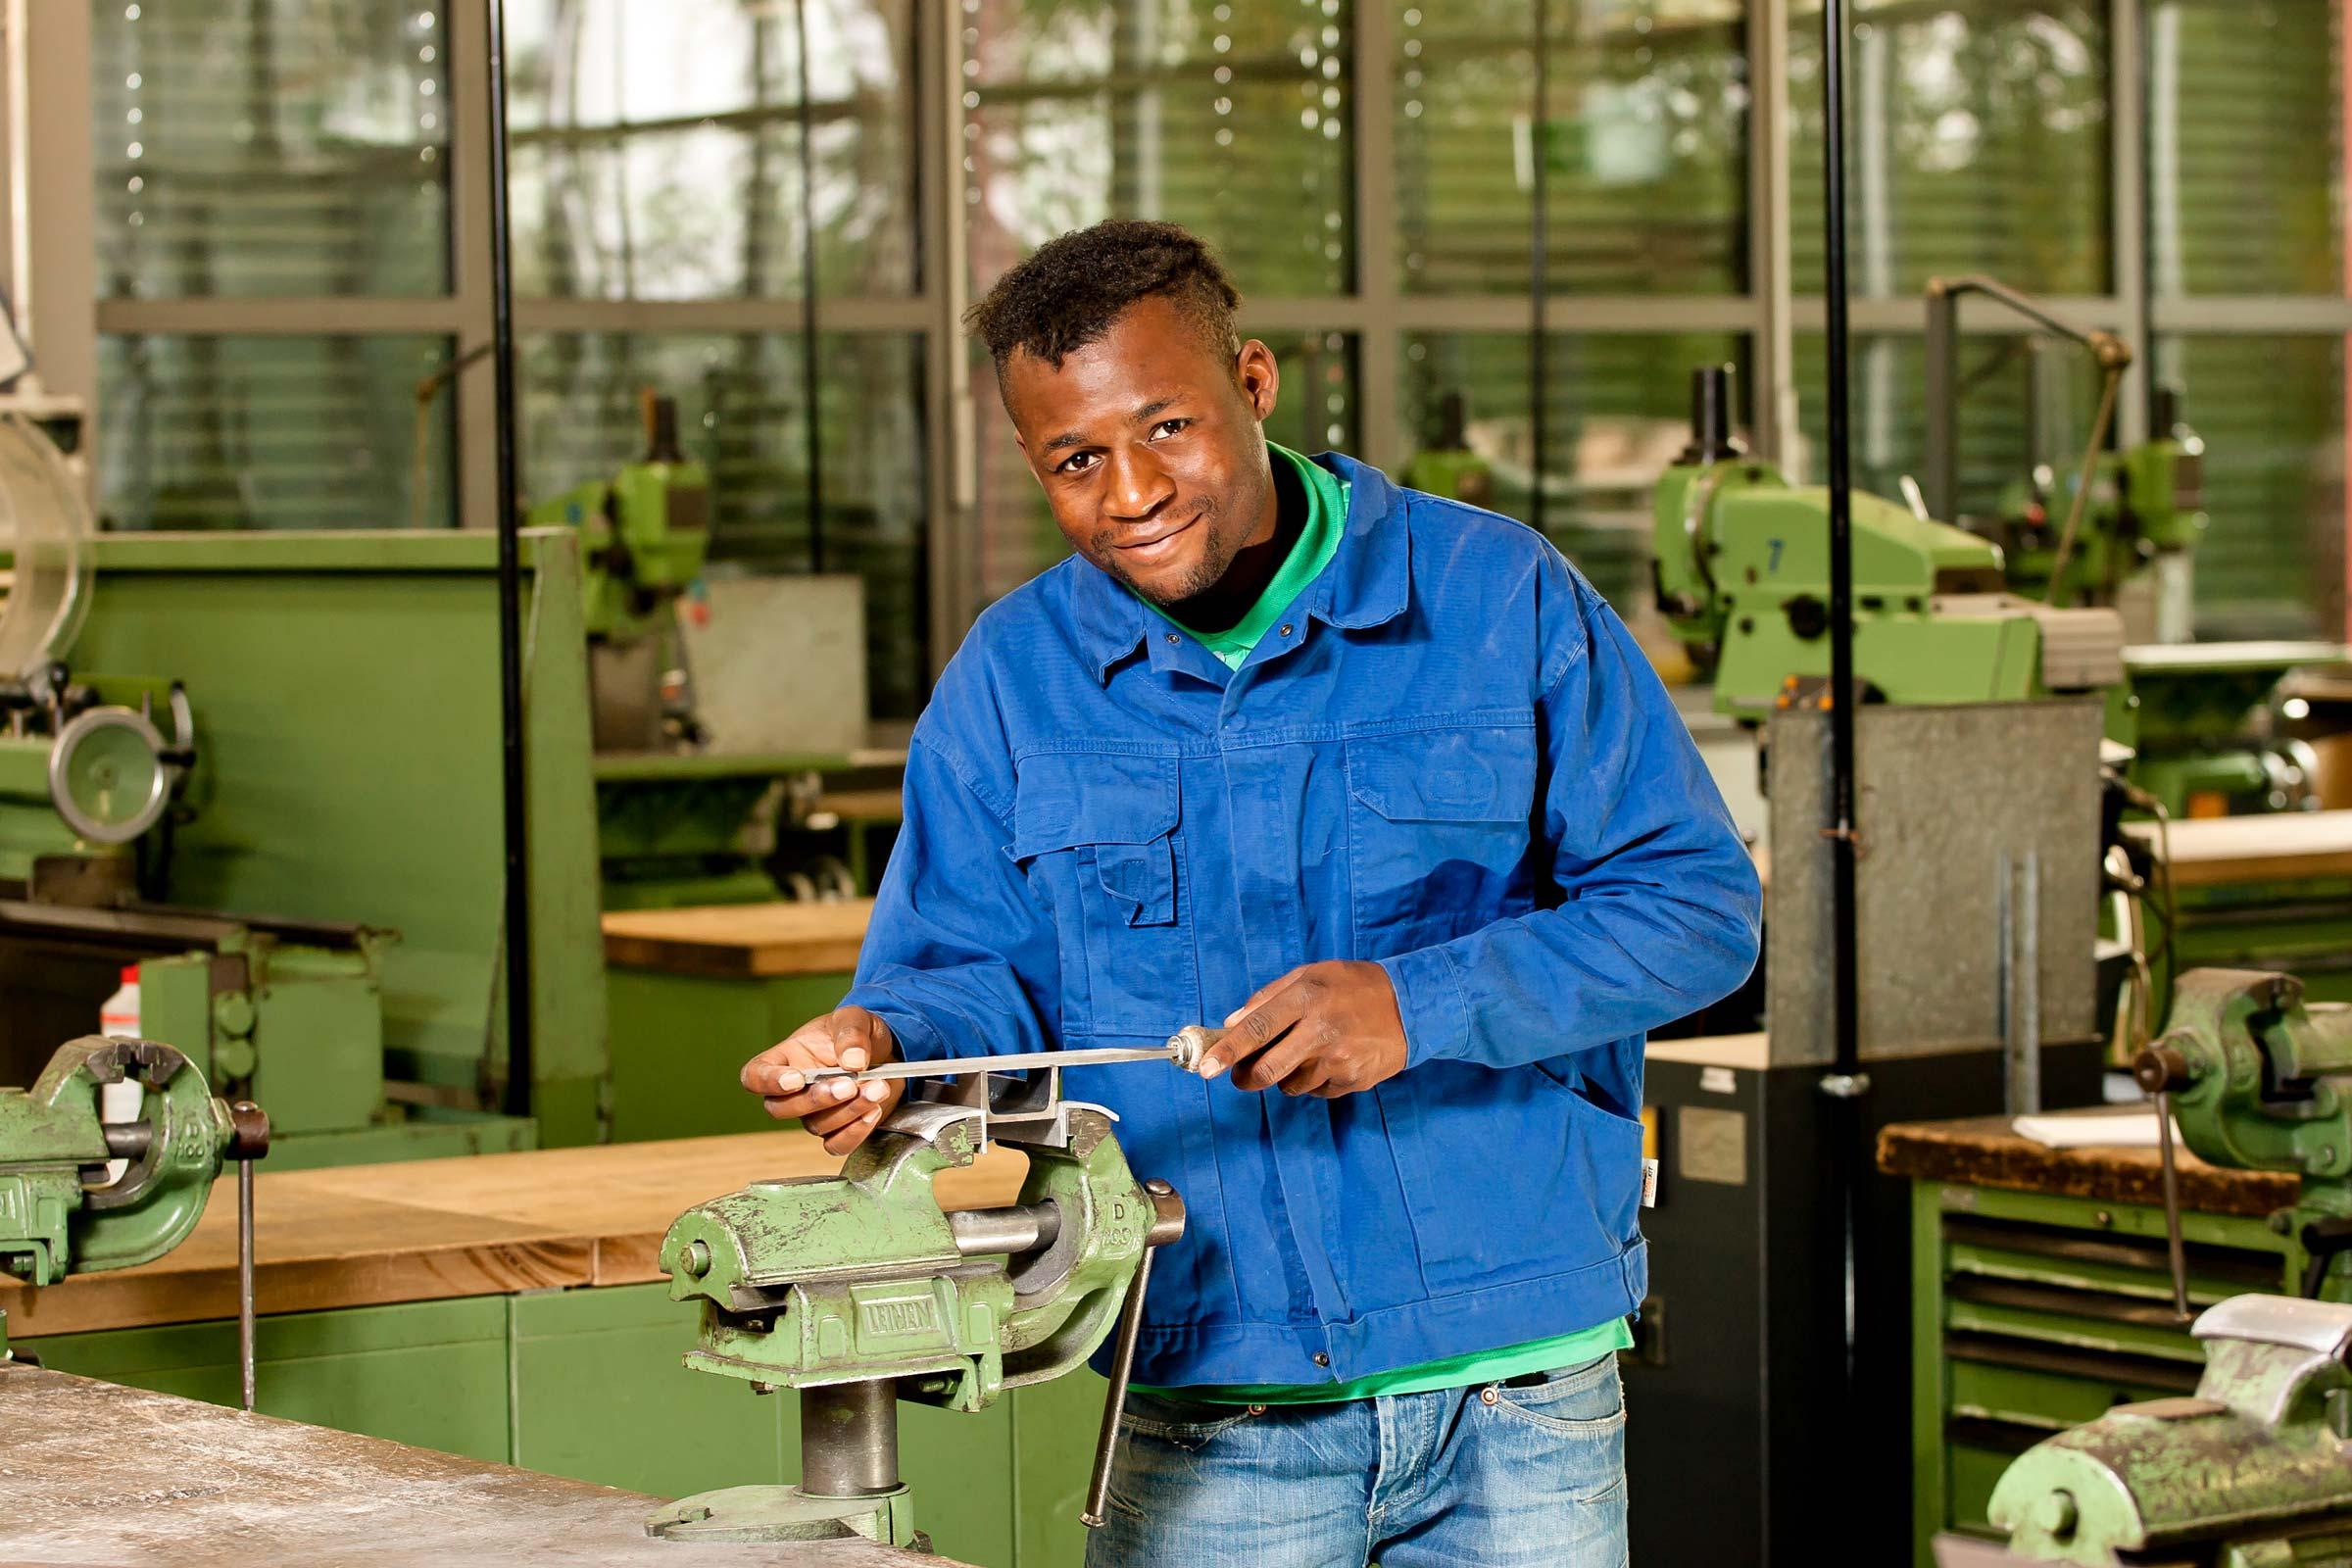 Azubi aus dem Metallbereiche im bbw Südhessen arbeitet an Feile